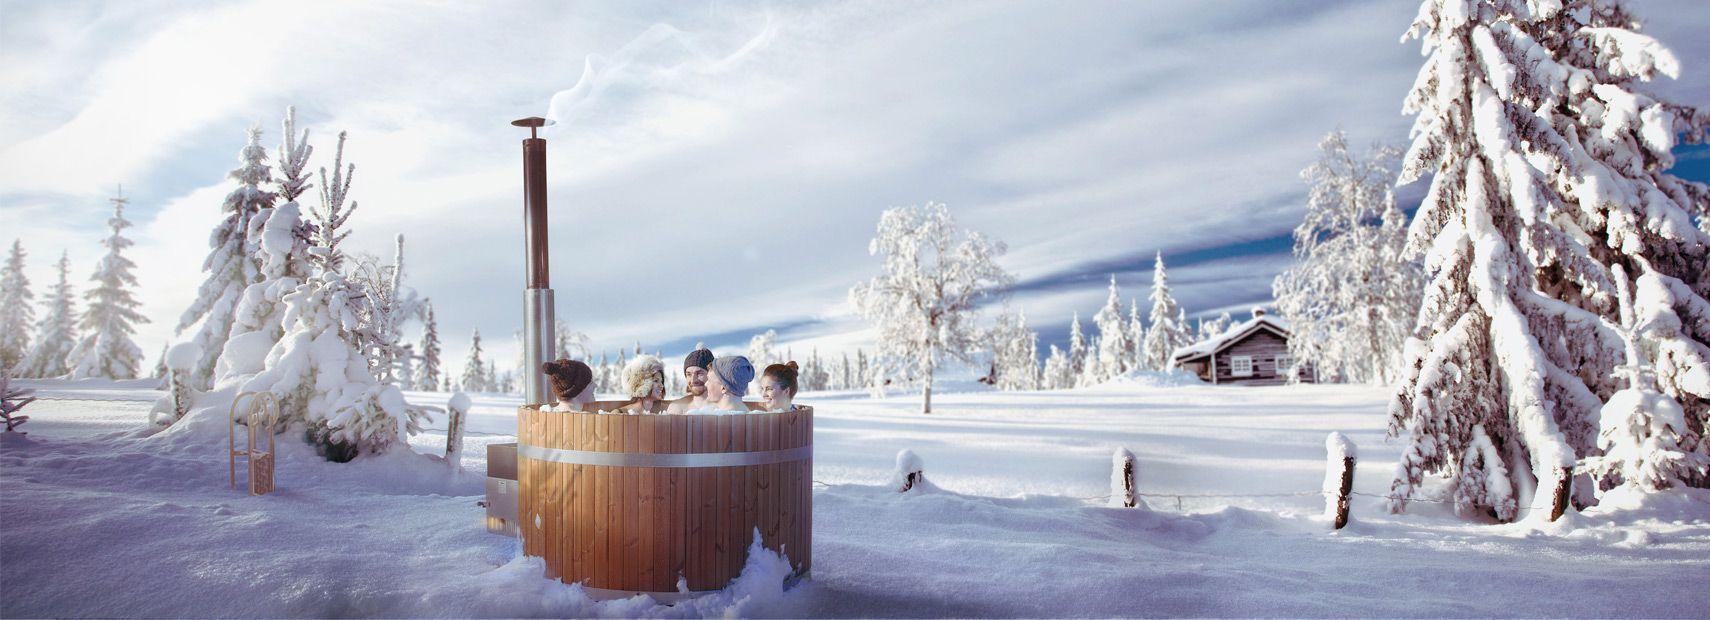 Alles wat u moet weten over uw hottub in de winter